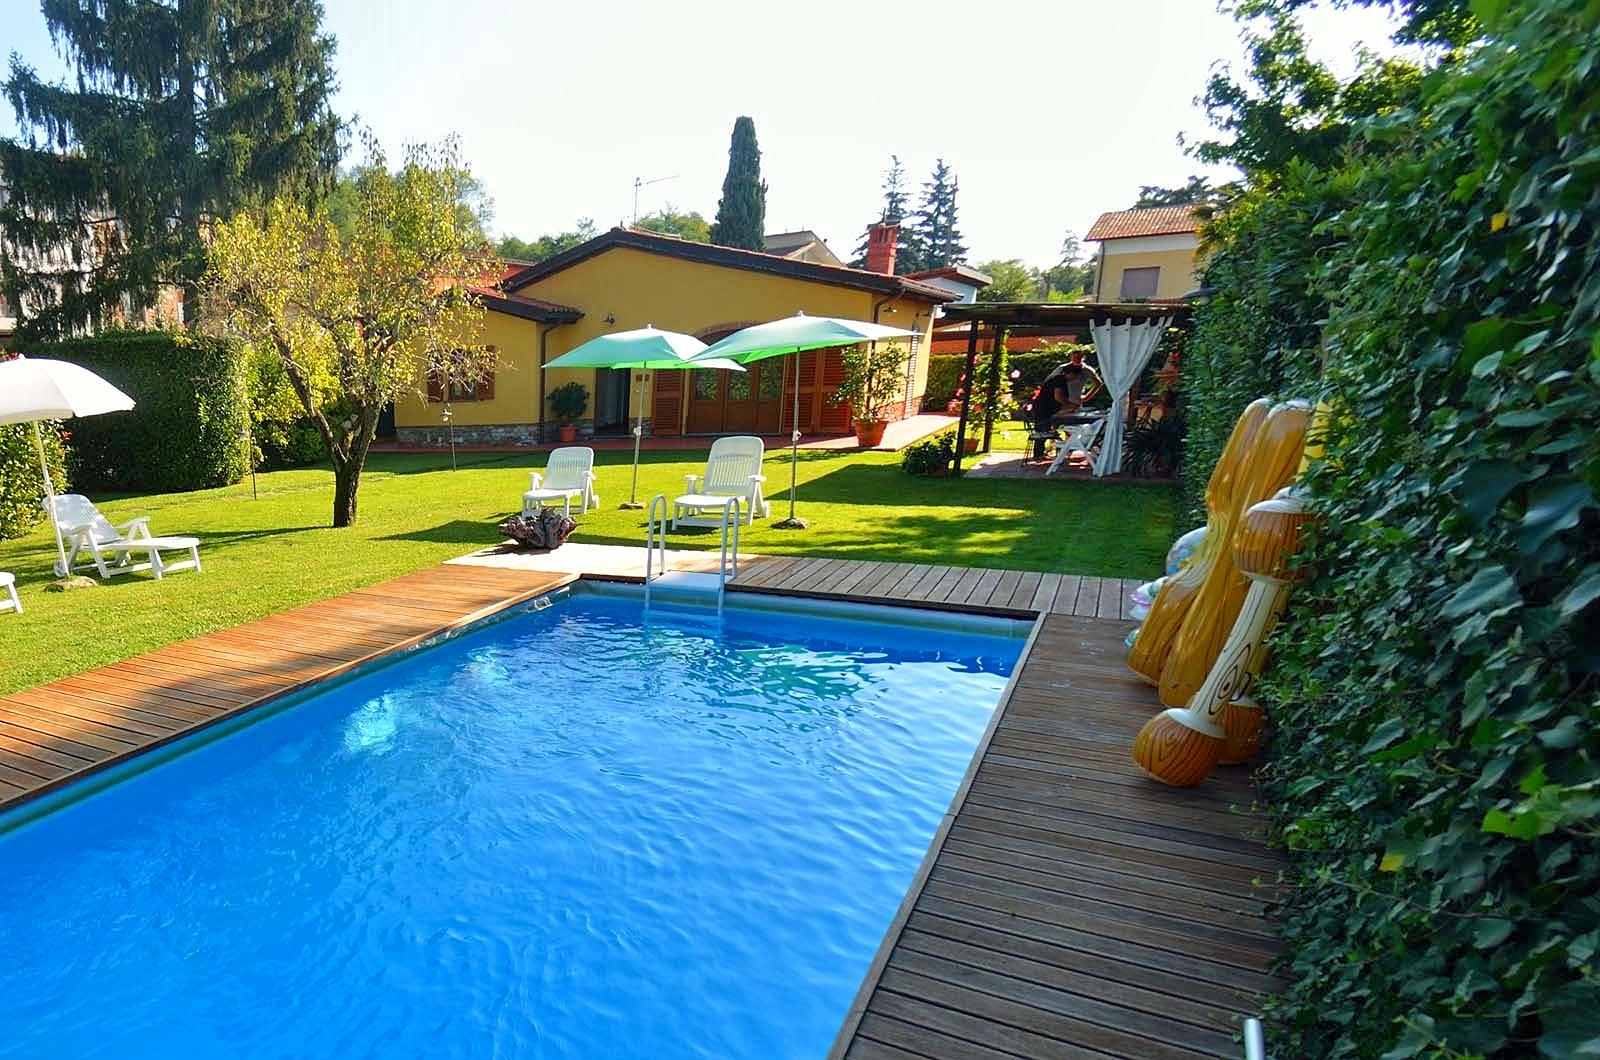 Vakantiehuis in San Colombano met zwembad, in Toscane.